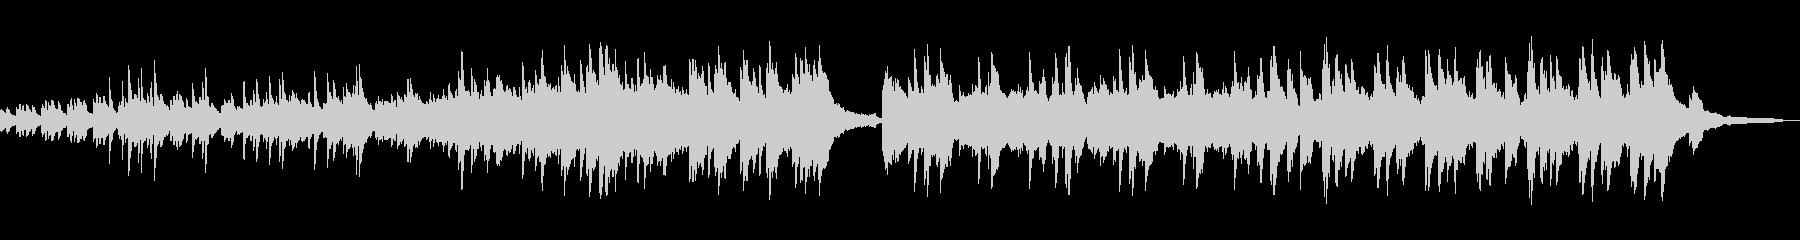 軽快なピアノ曲の未再生の波形